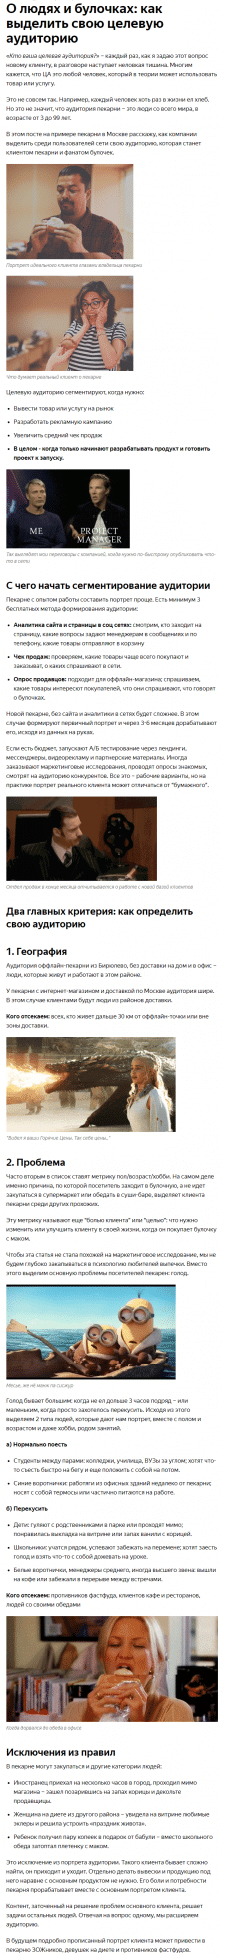 Статья для ЯндексДзен